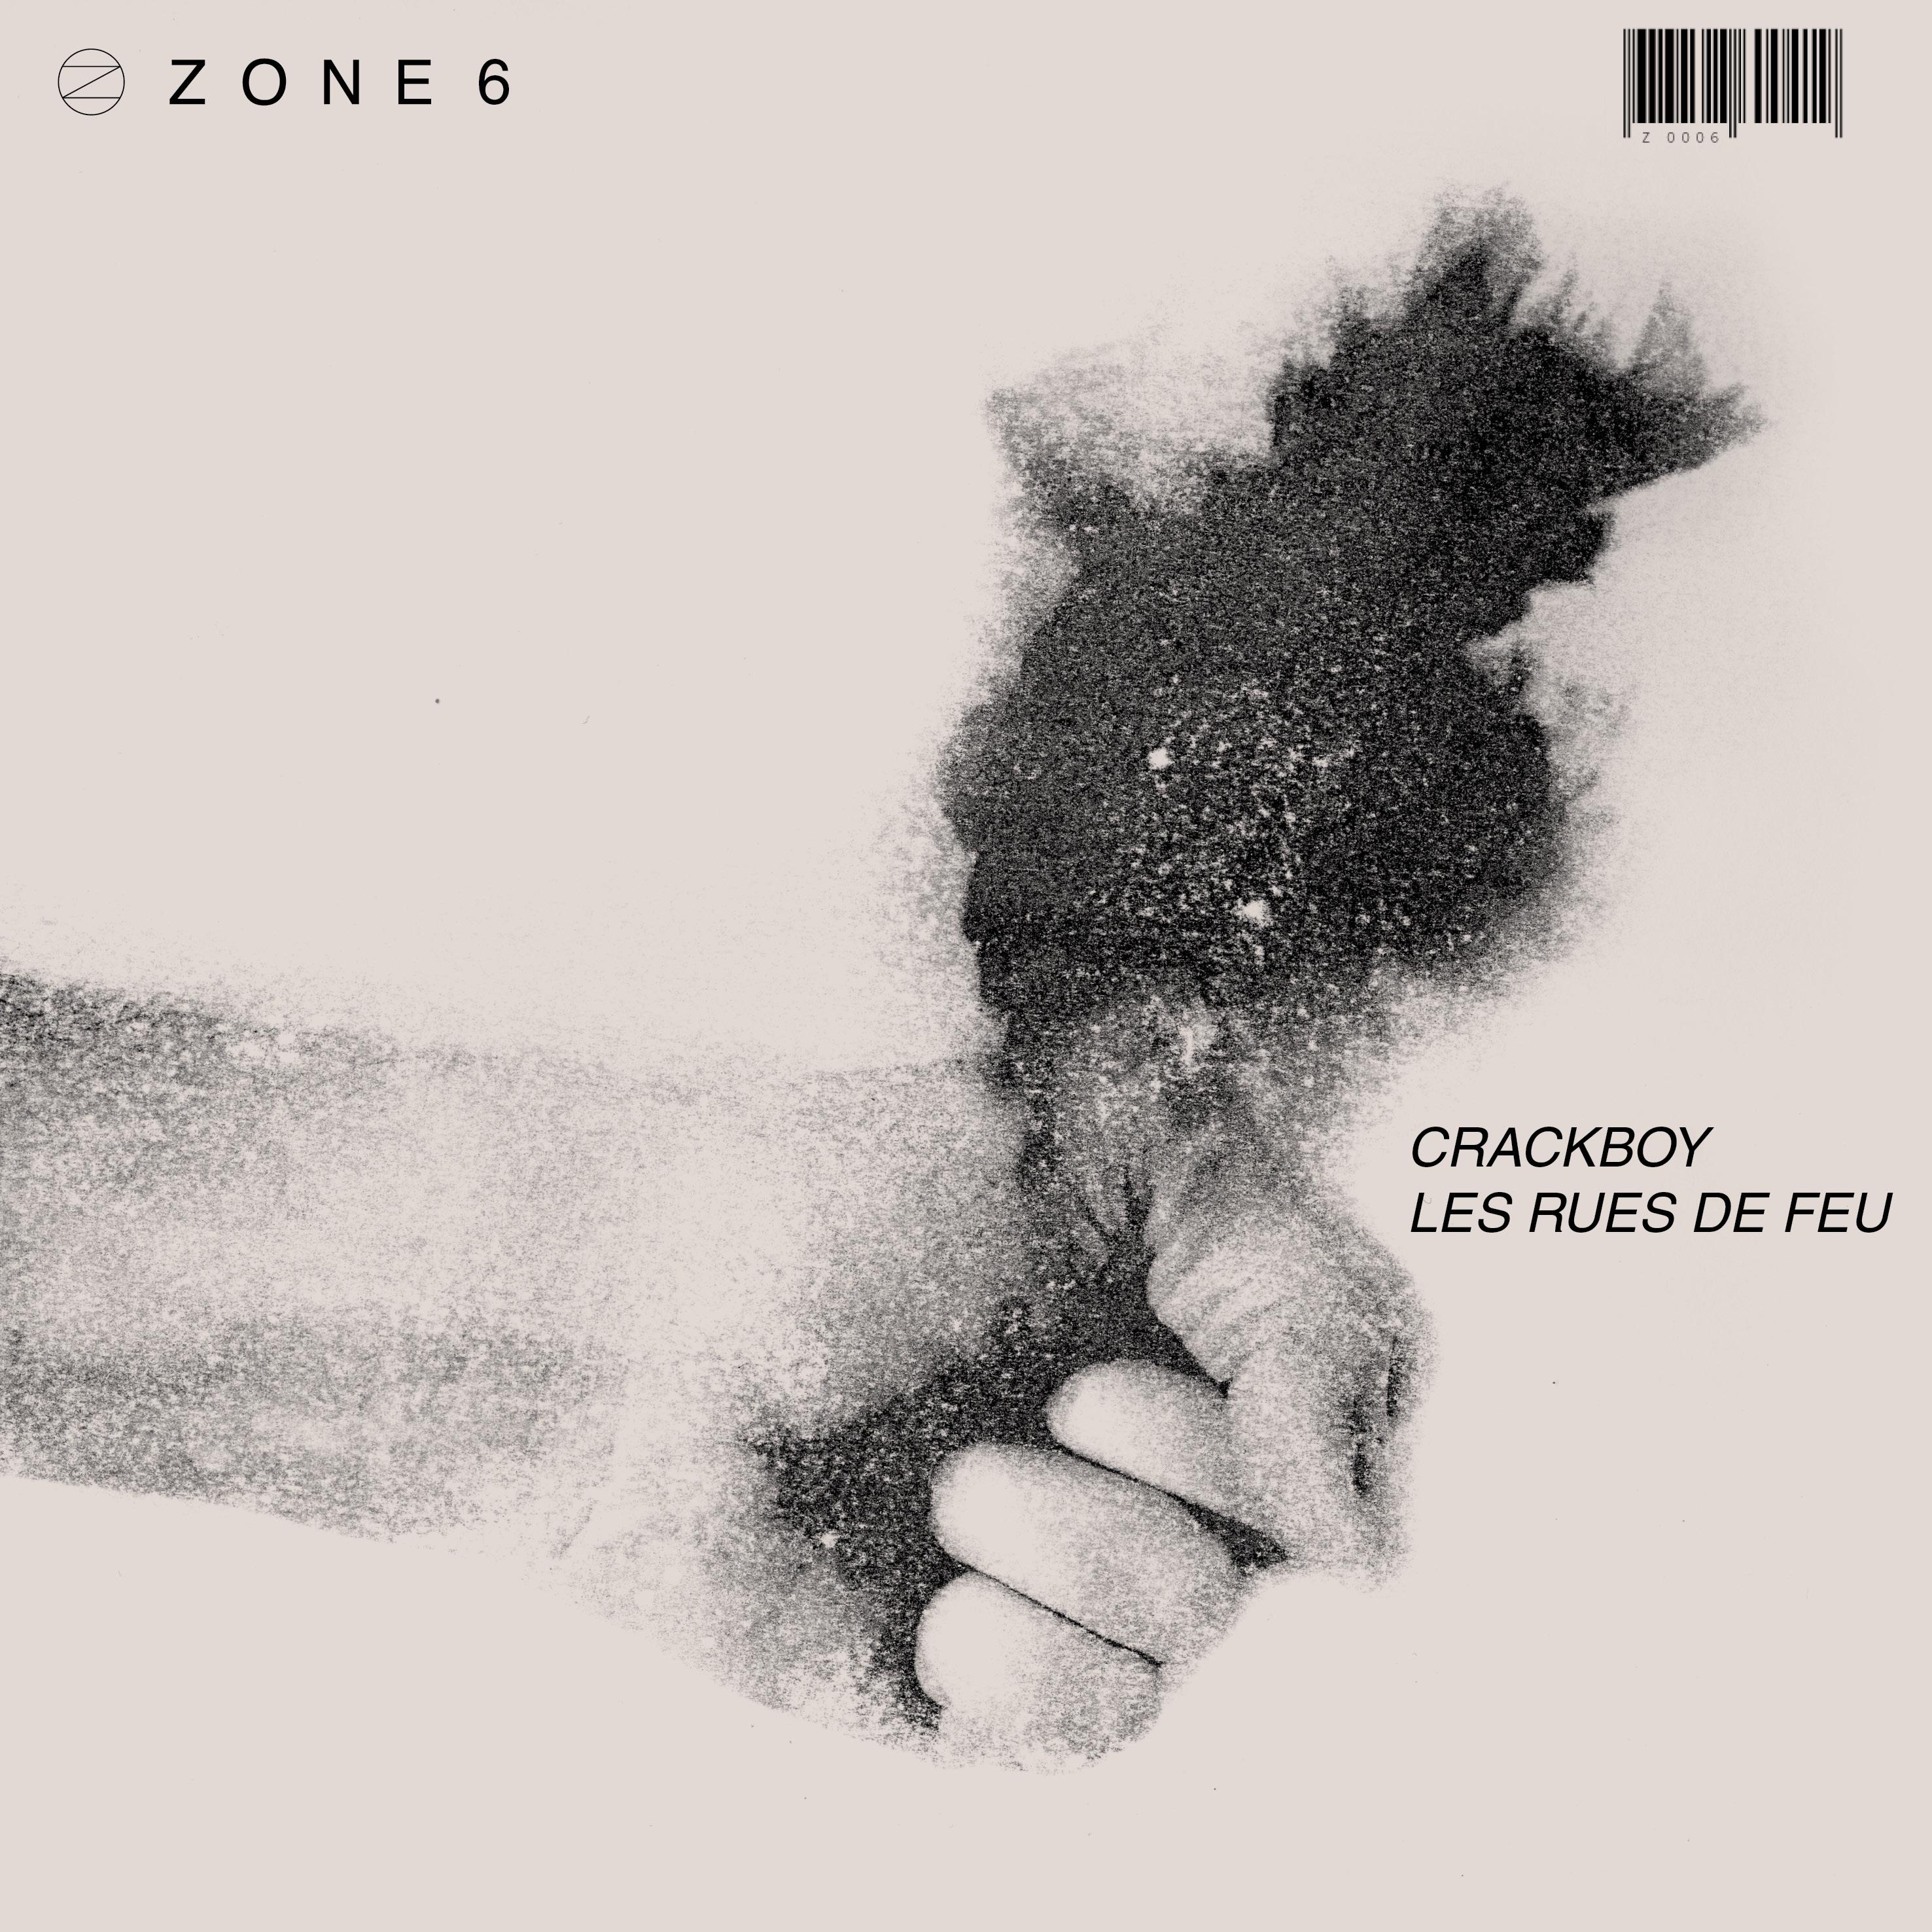 ZONE 6 CRACKBOY - Les Rues de Feu